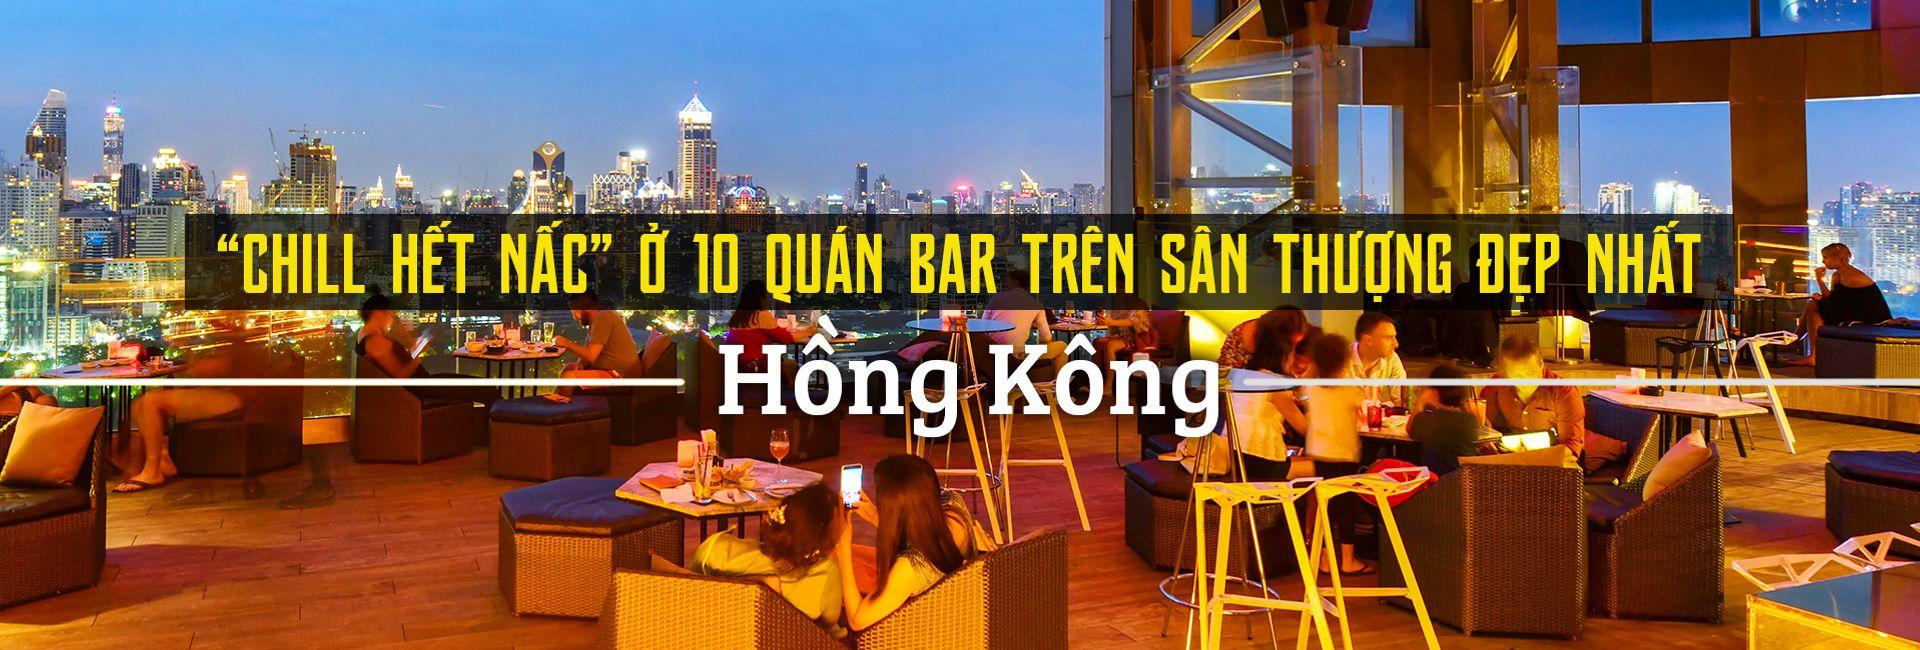 Top 10 quán bar trên sân thượng đẹp nhất Hồng Kông